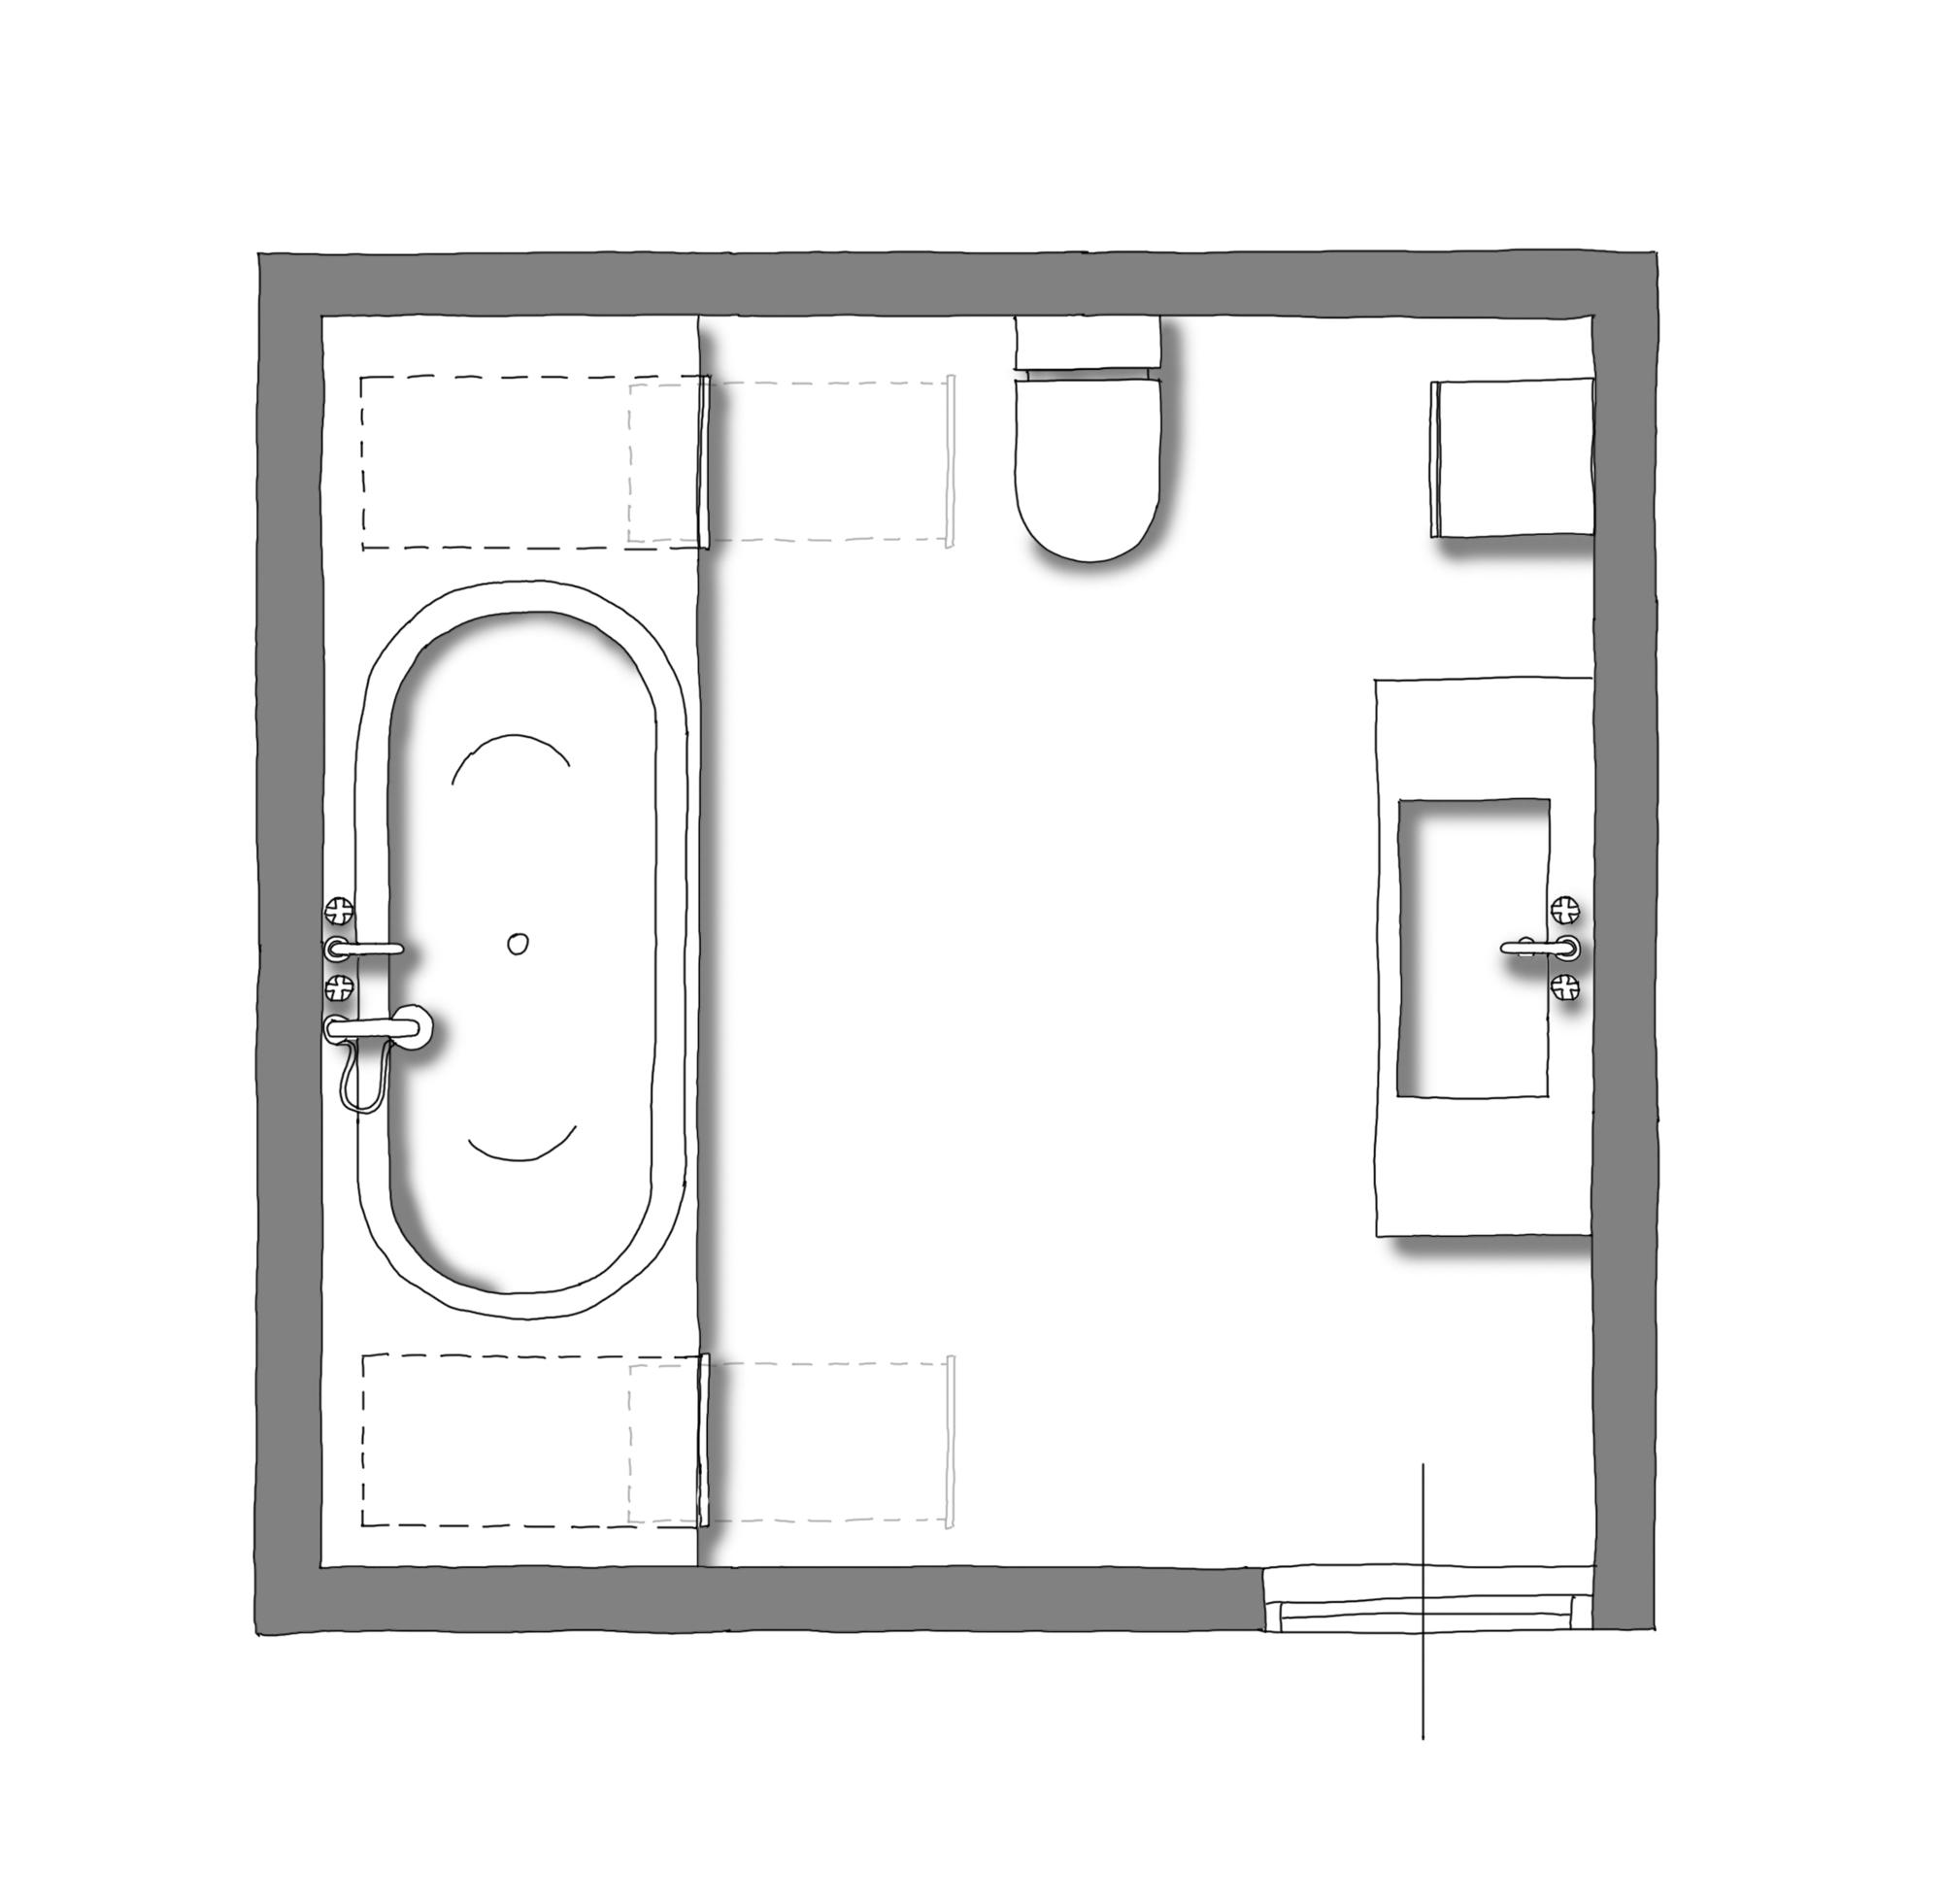 badkamer-idee3